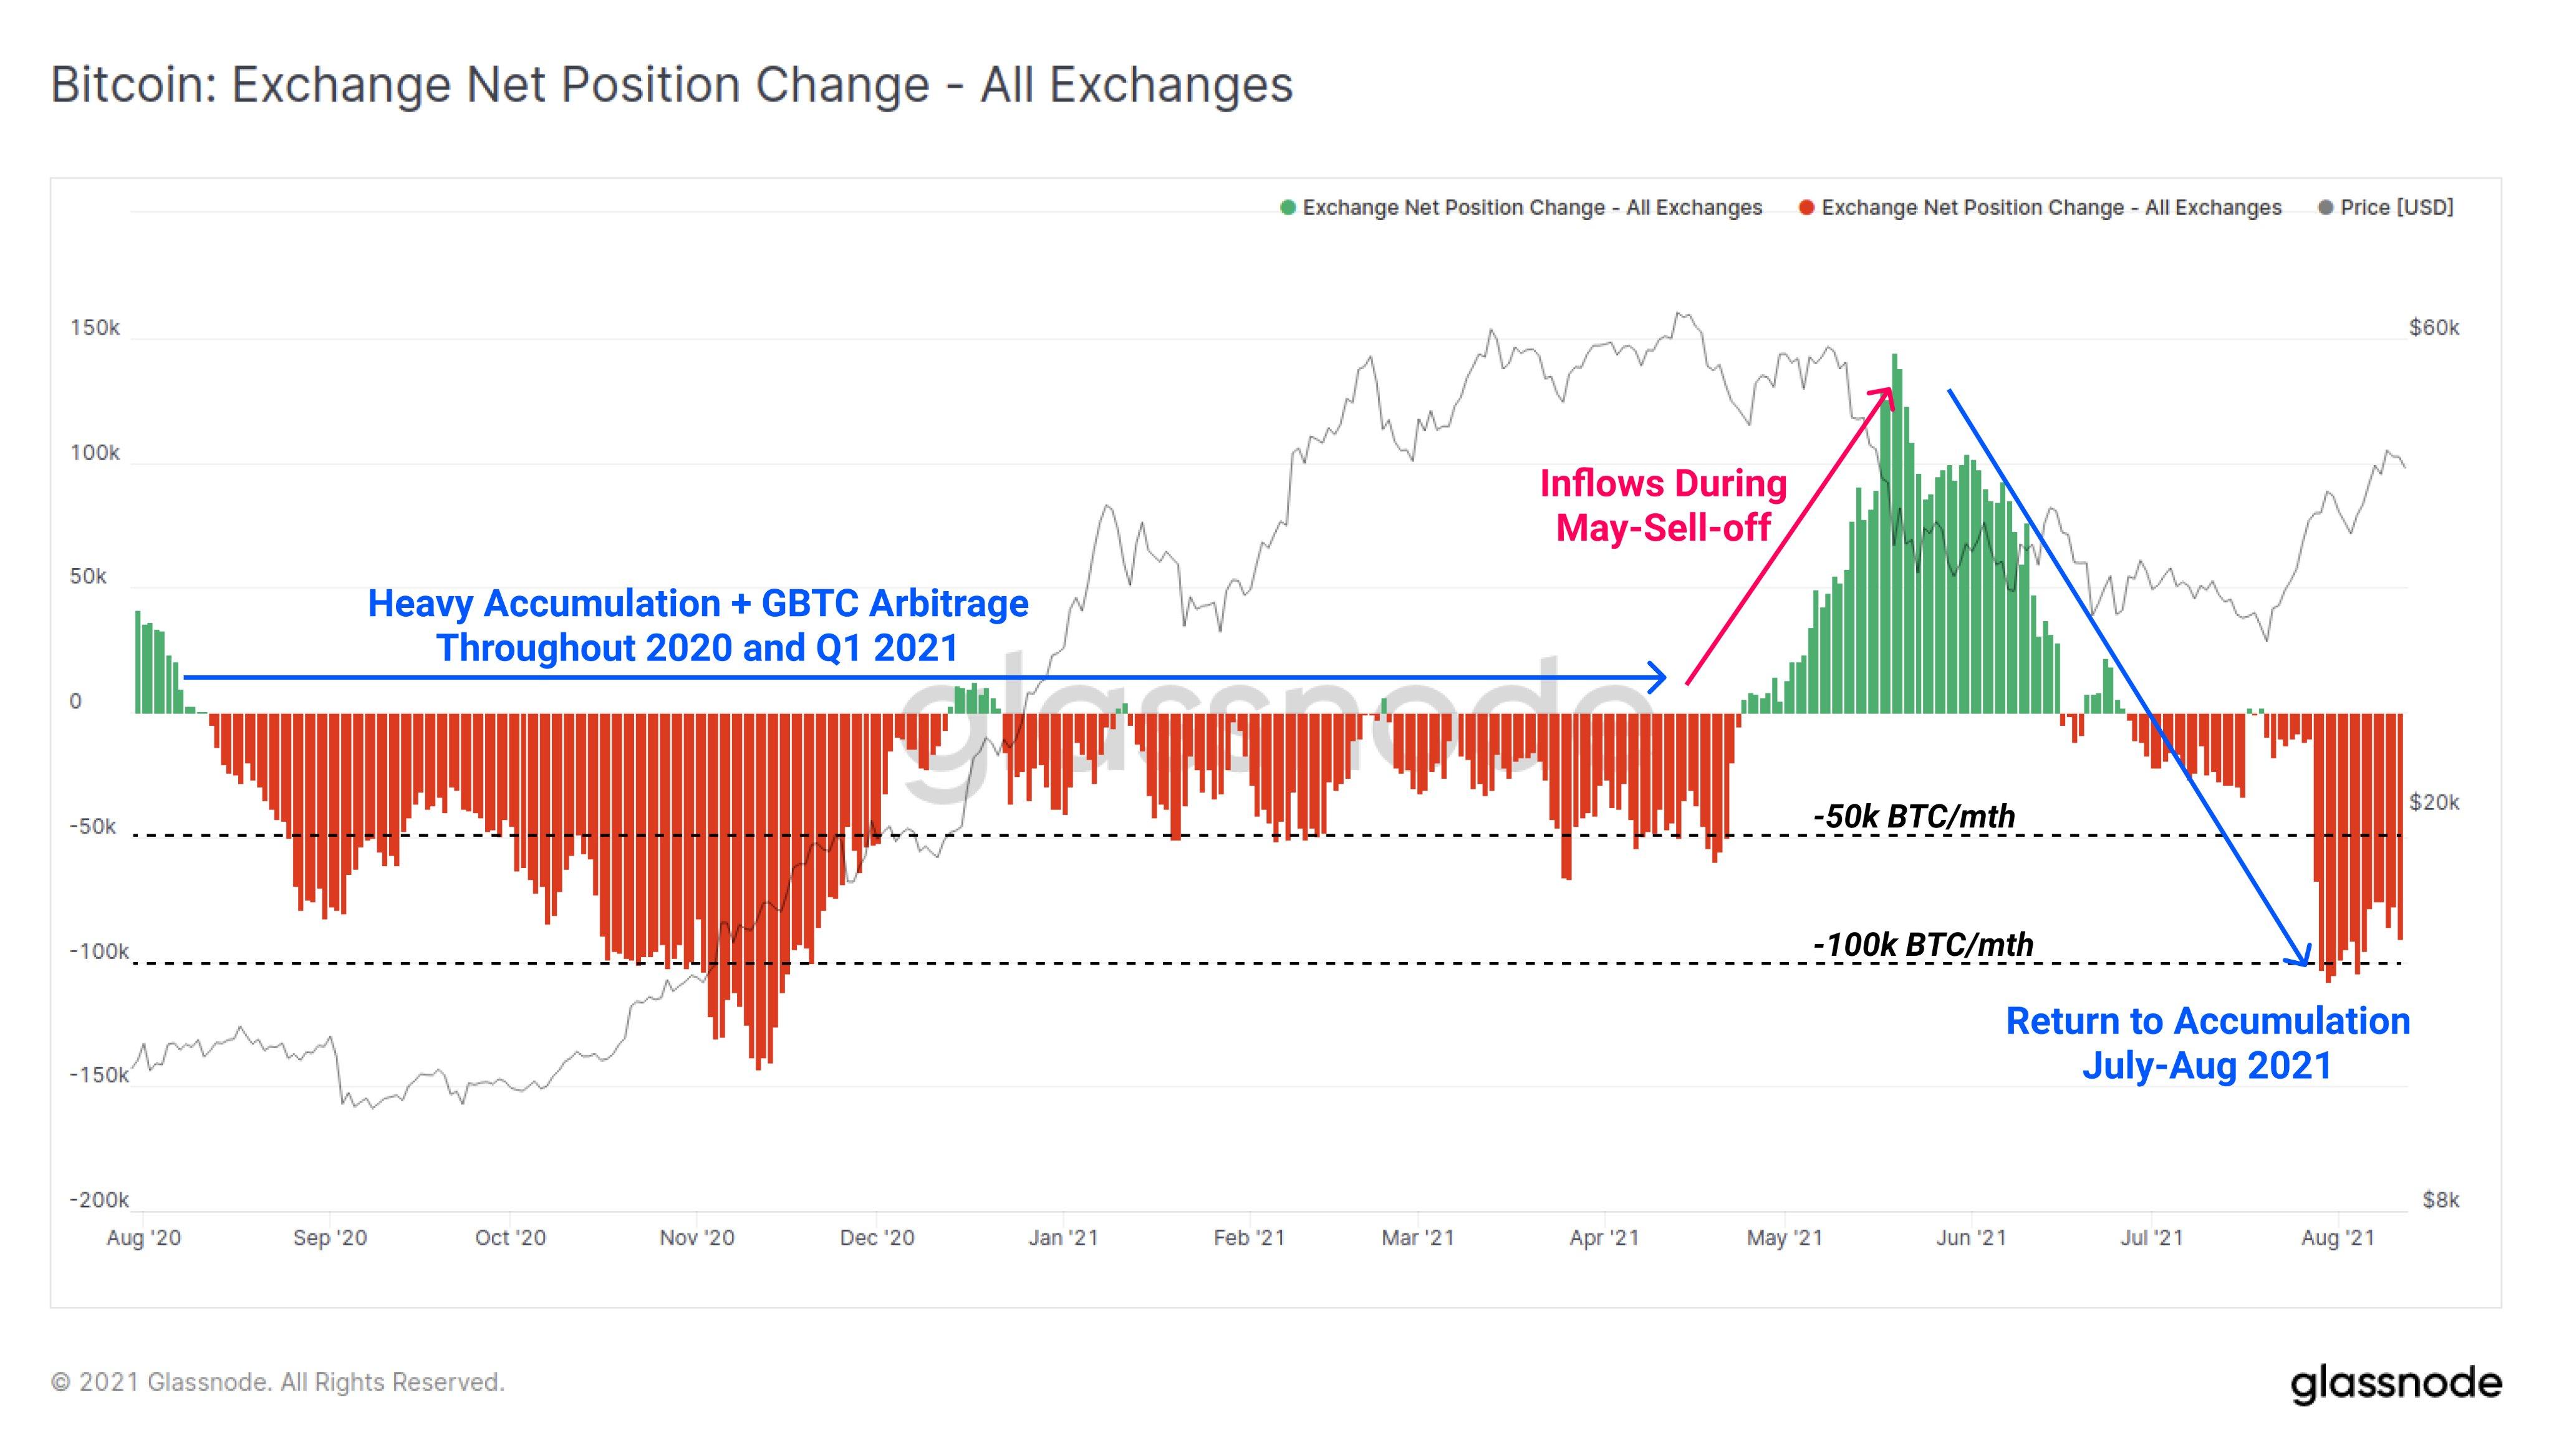 Grafico annotato del cambiamento netto delle posizioni sugli exchange di Bitcoin